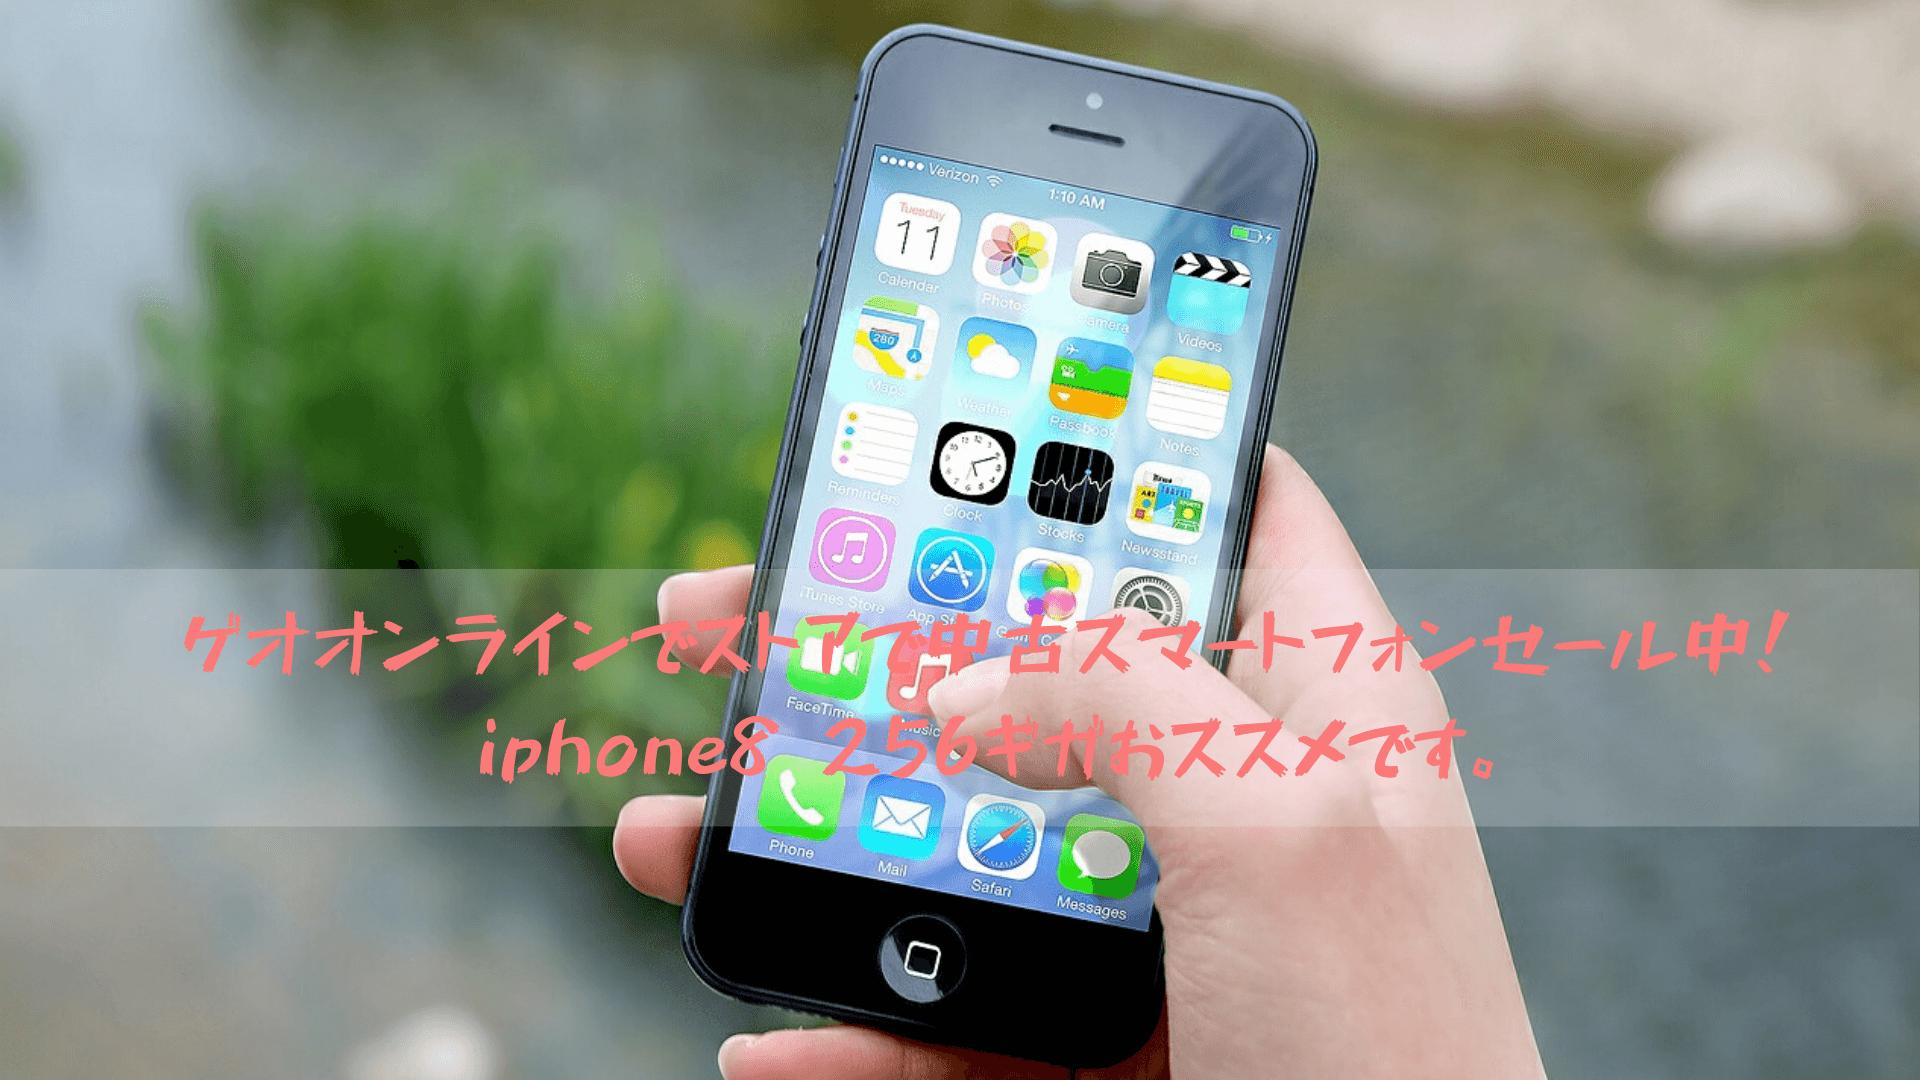 ゲオオンラインでストアで中古スマートフォンセール中!iphone8 256ギガおススメです。